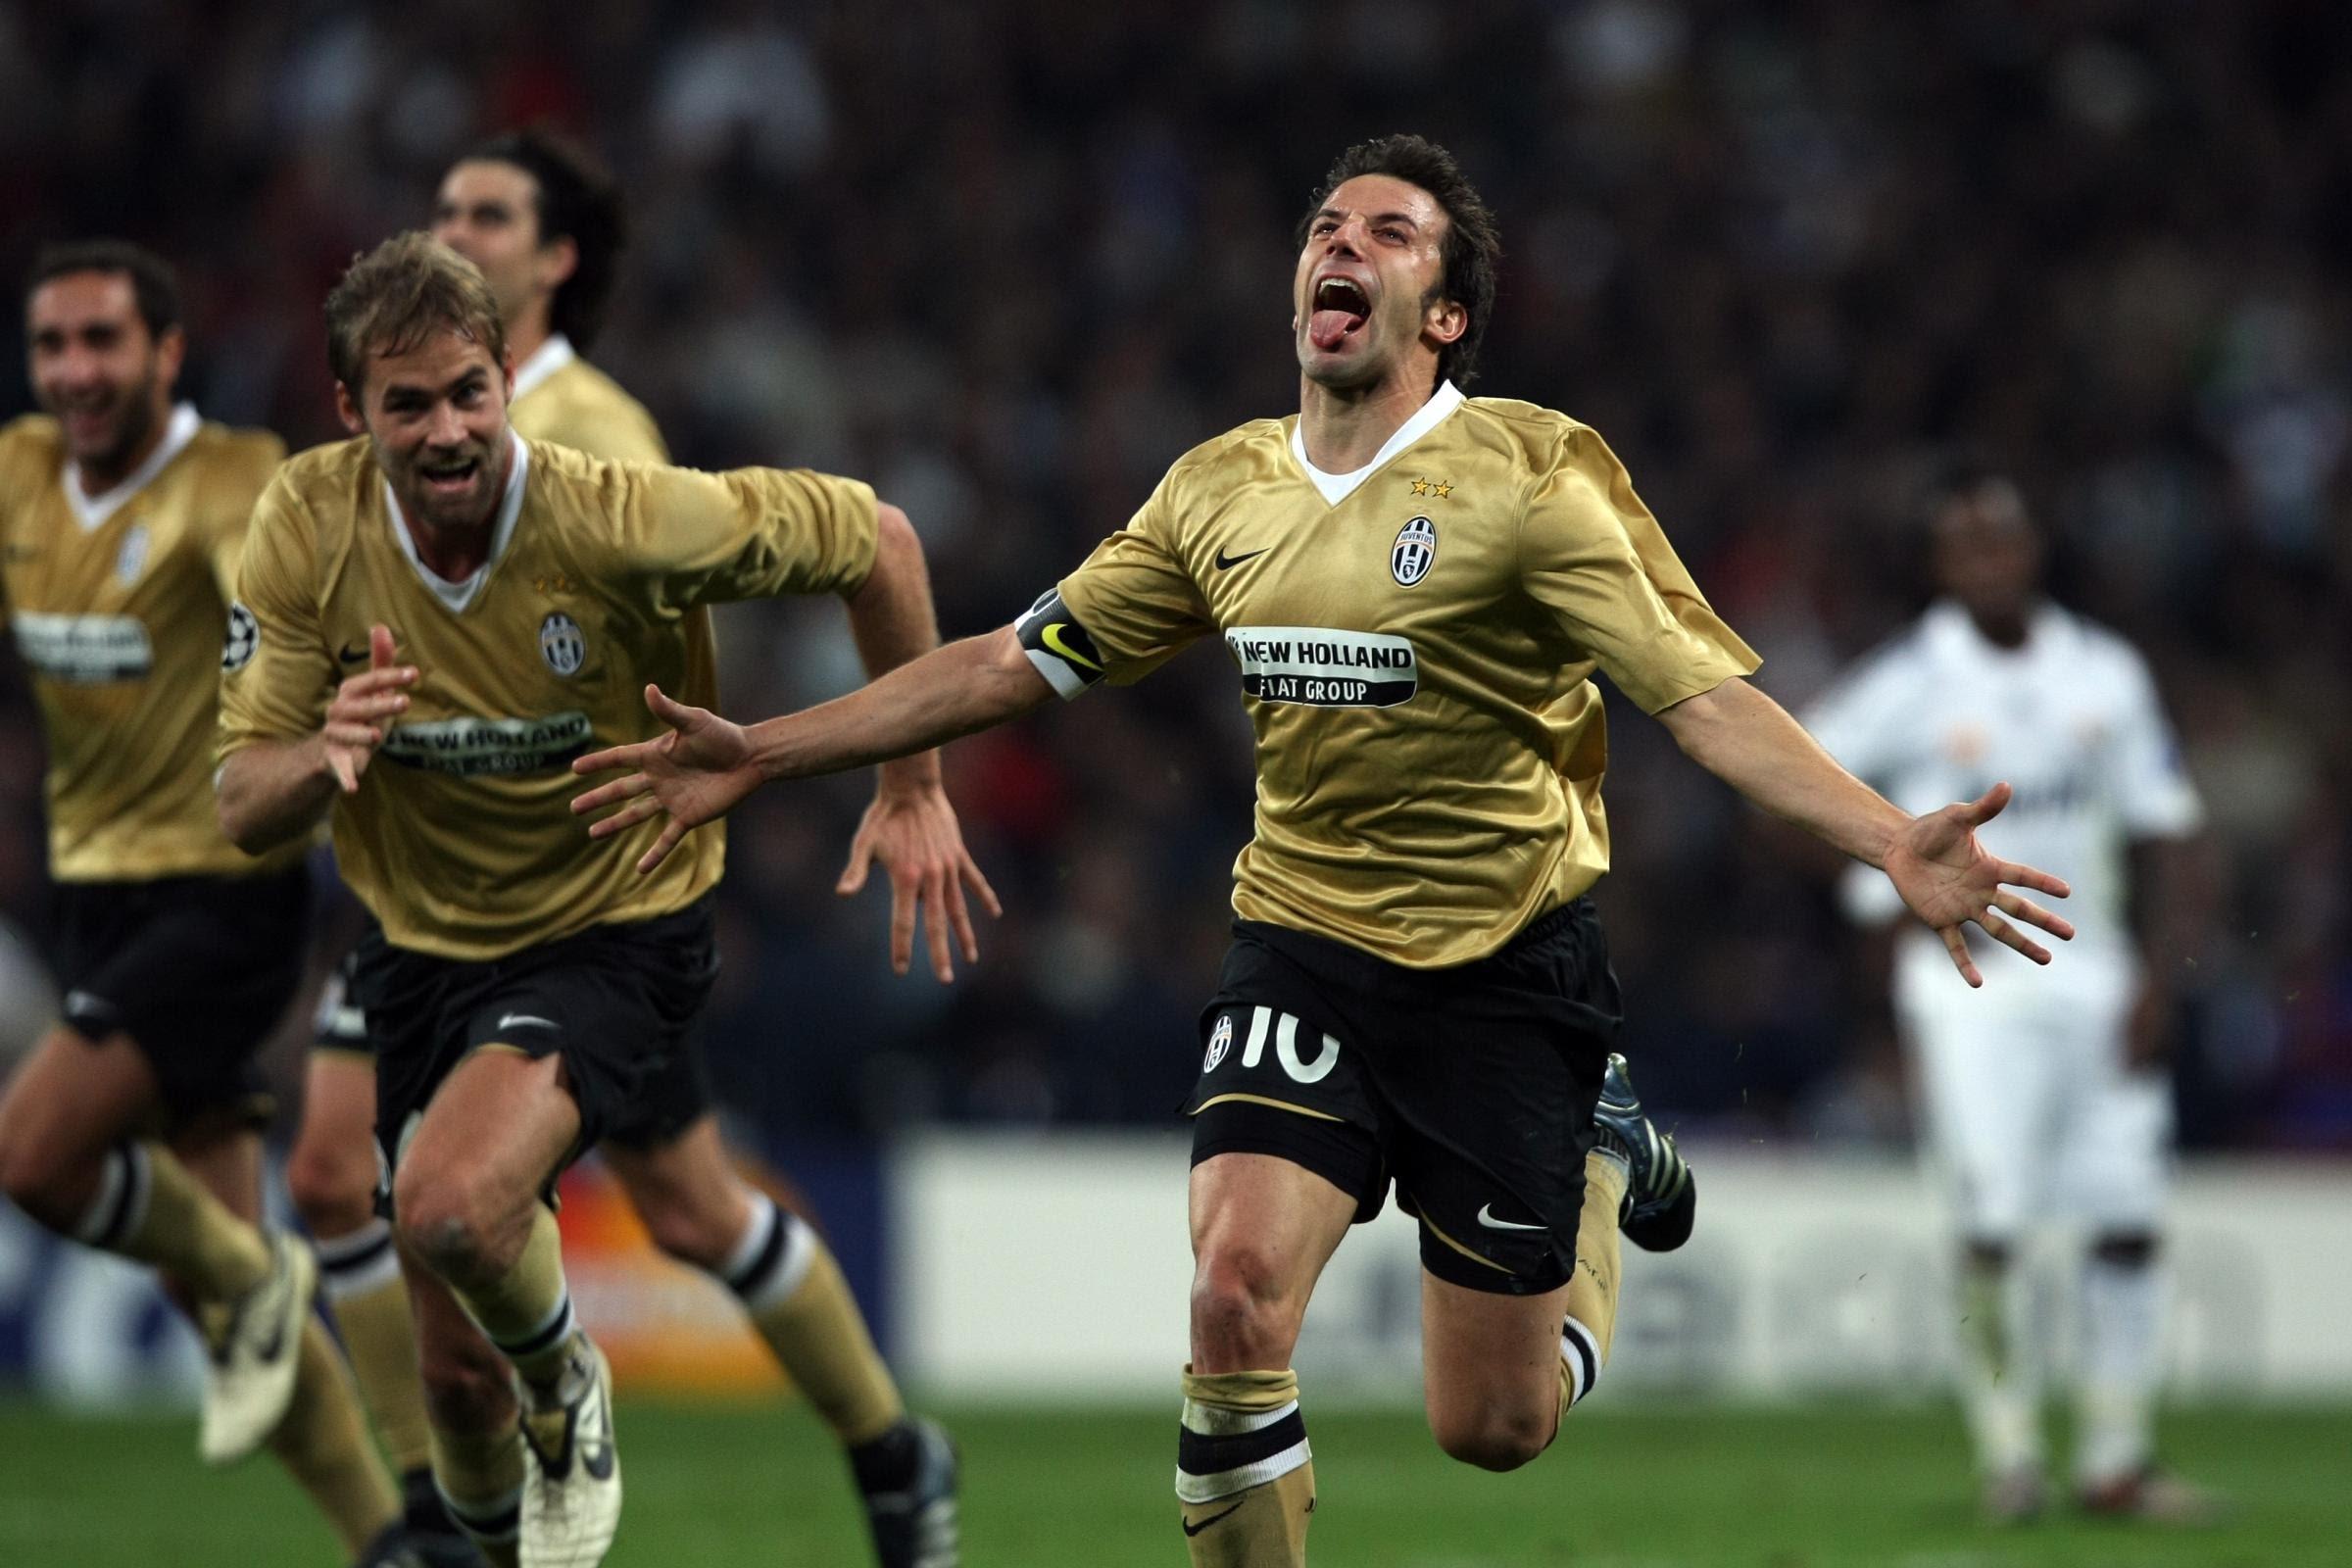 شادی معروف دلپیرو - بازی برگشت یووه-رئال سال ۲۰۰۸